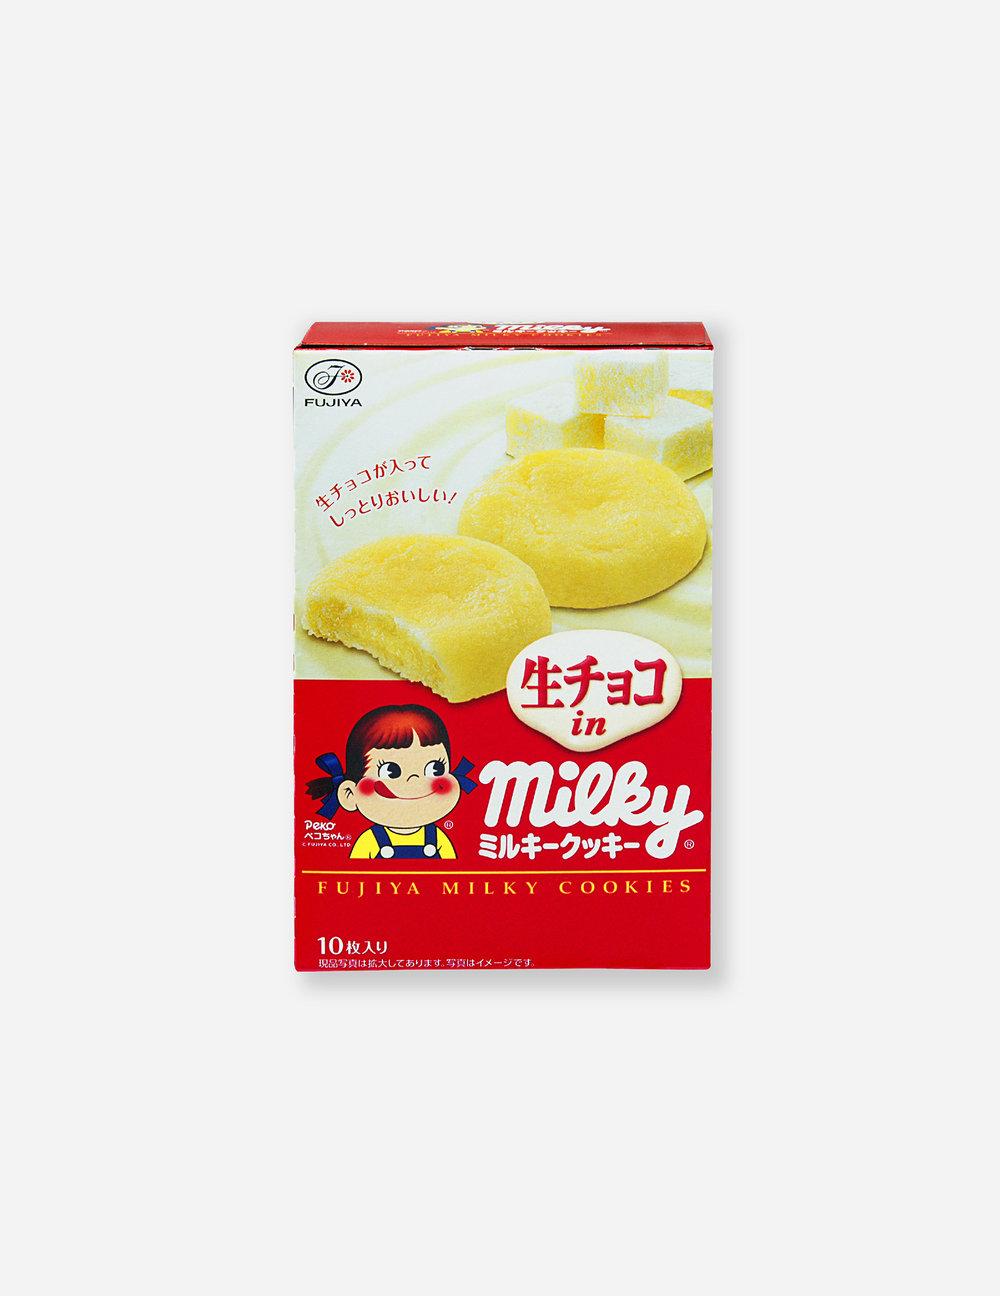 Milky Cookies (2010)Fujiya Food Service Co., Ltd.